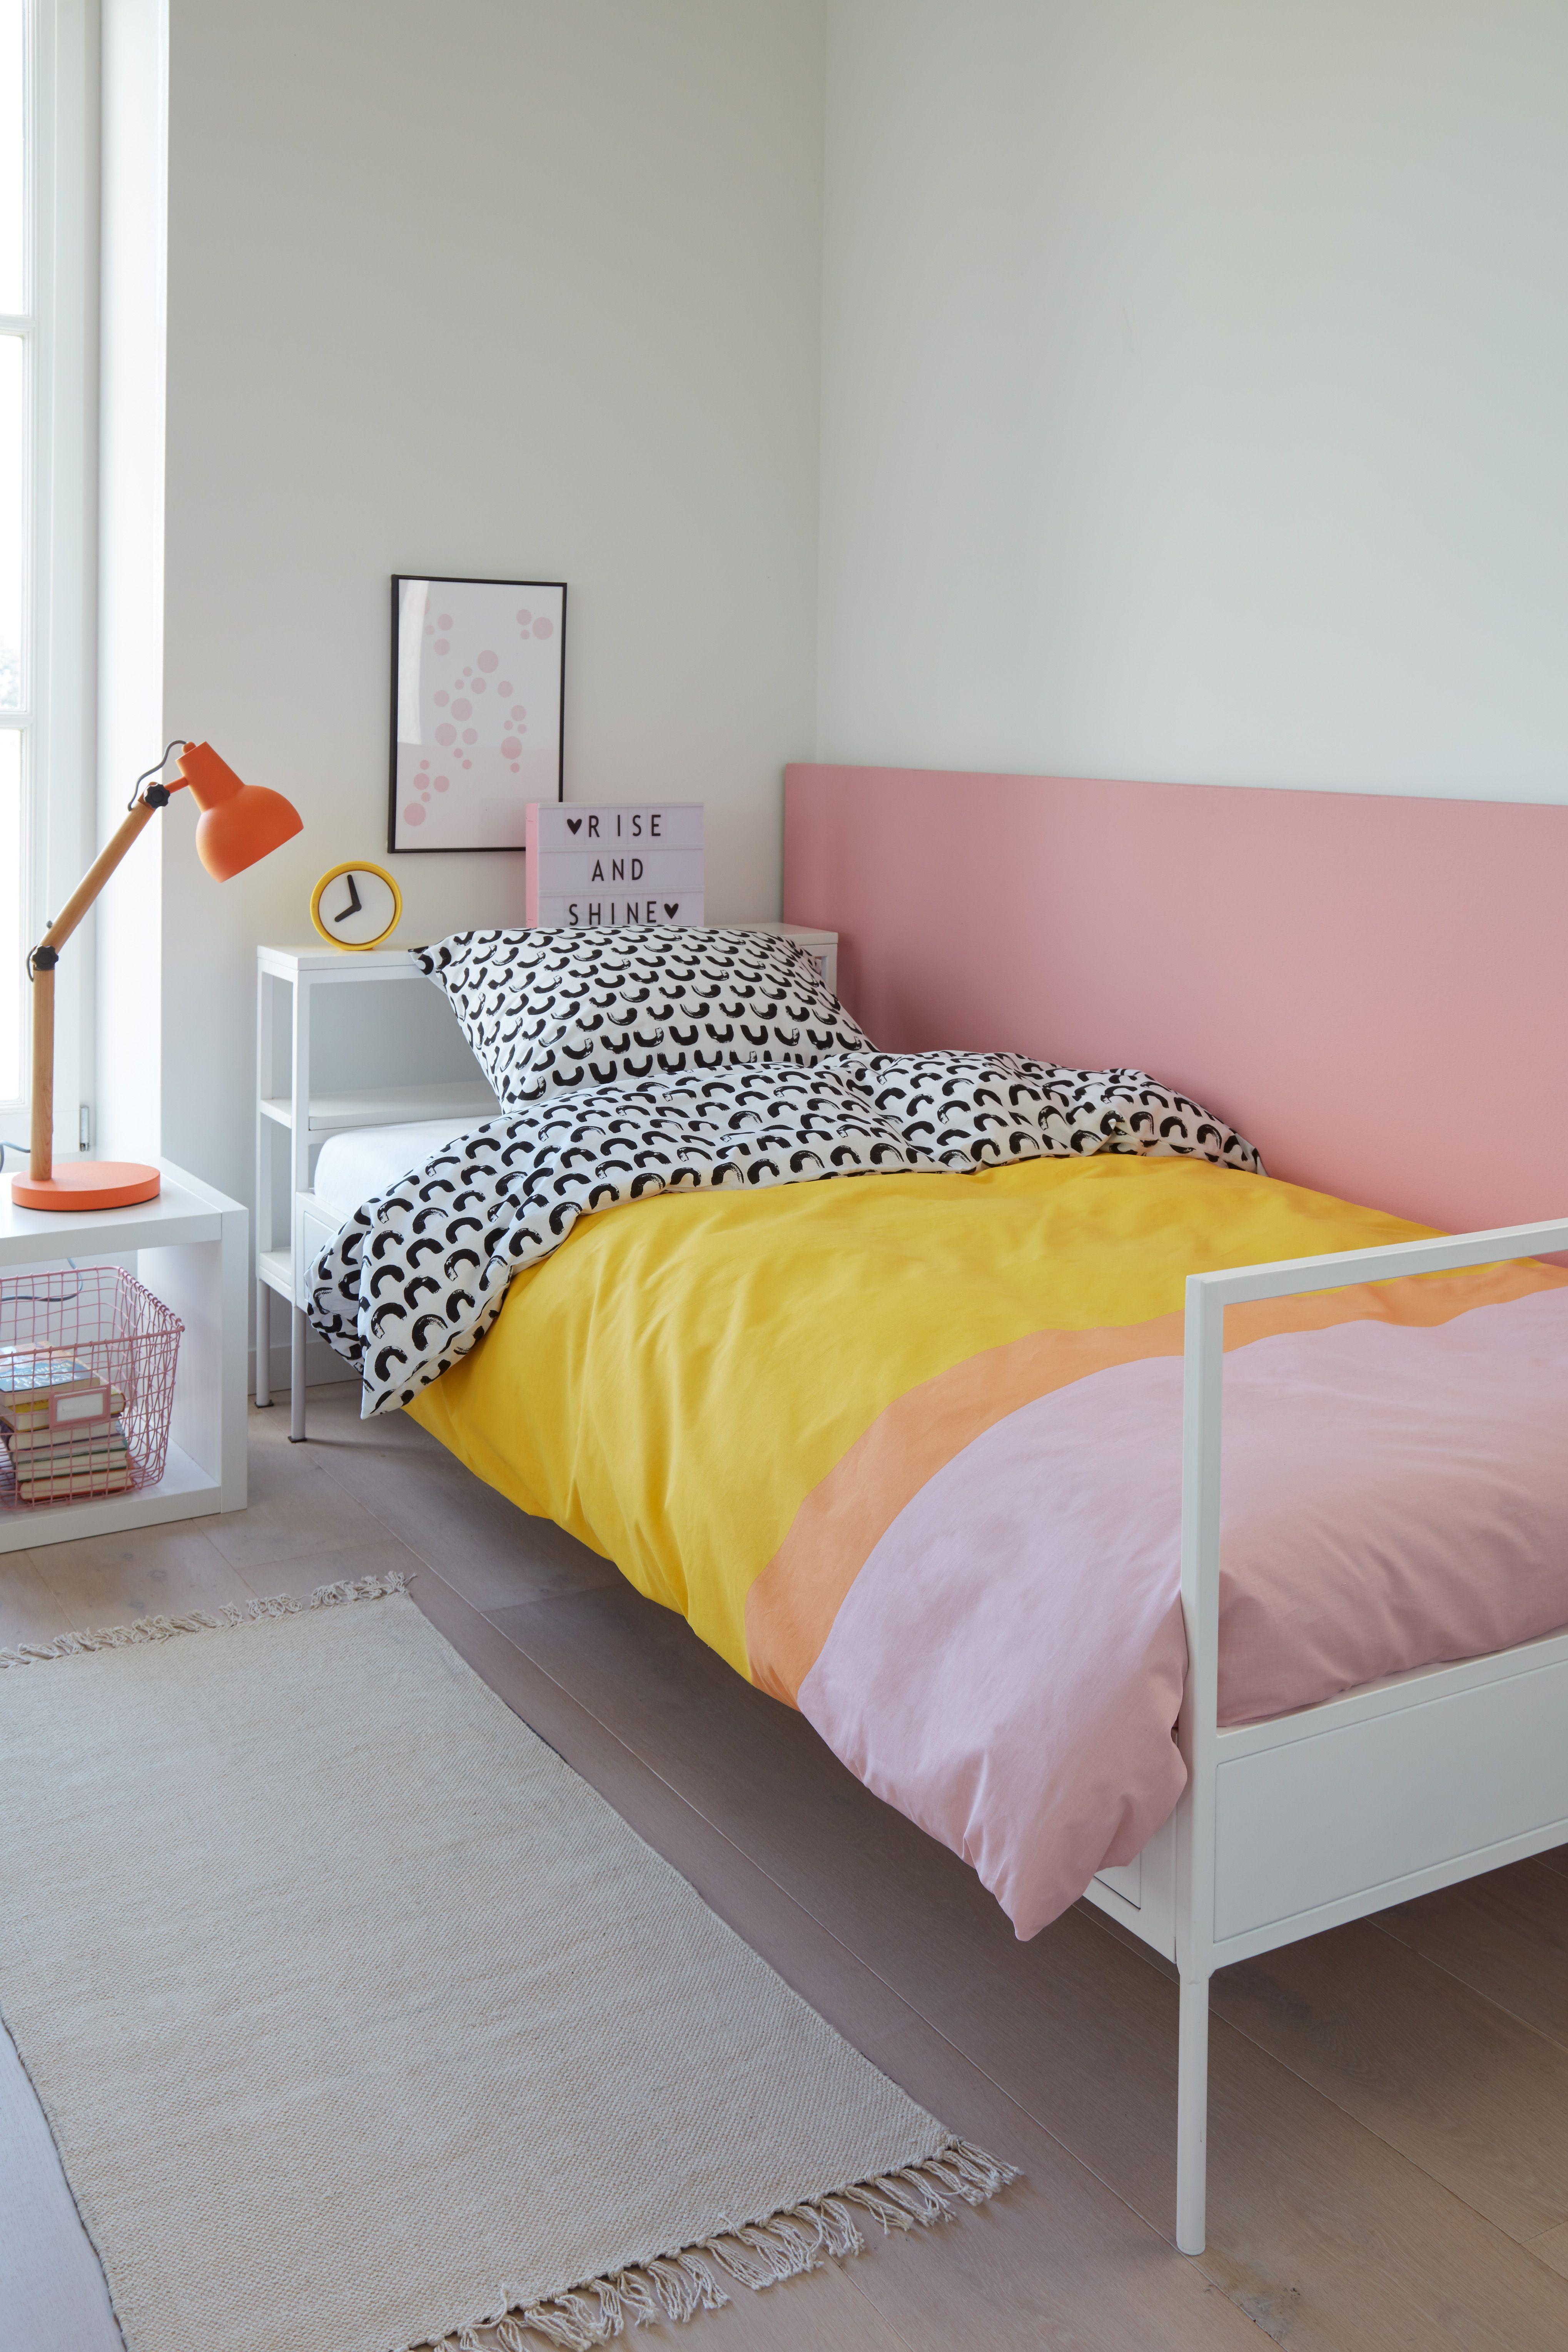 Junior Slaapkamer Ideeen.Dekbedovertrek Tweepersoons Beter Bed Washed Slaapkamer